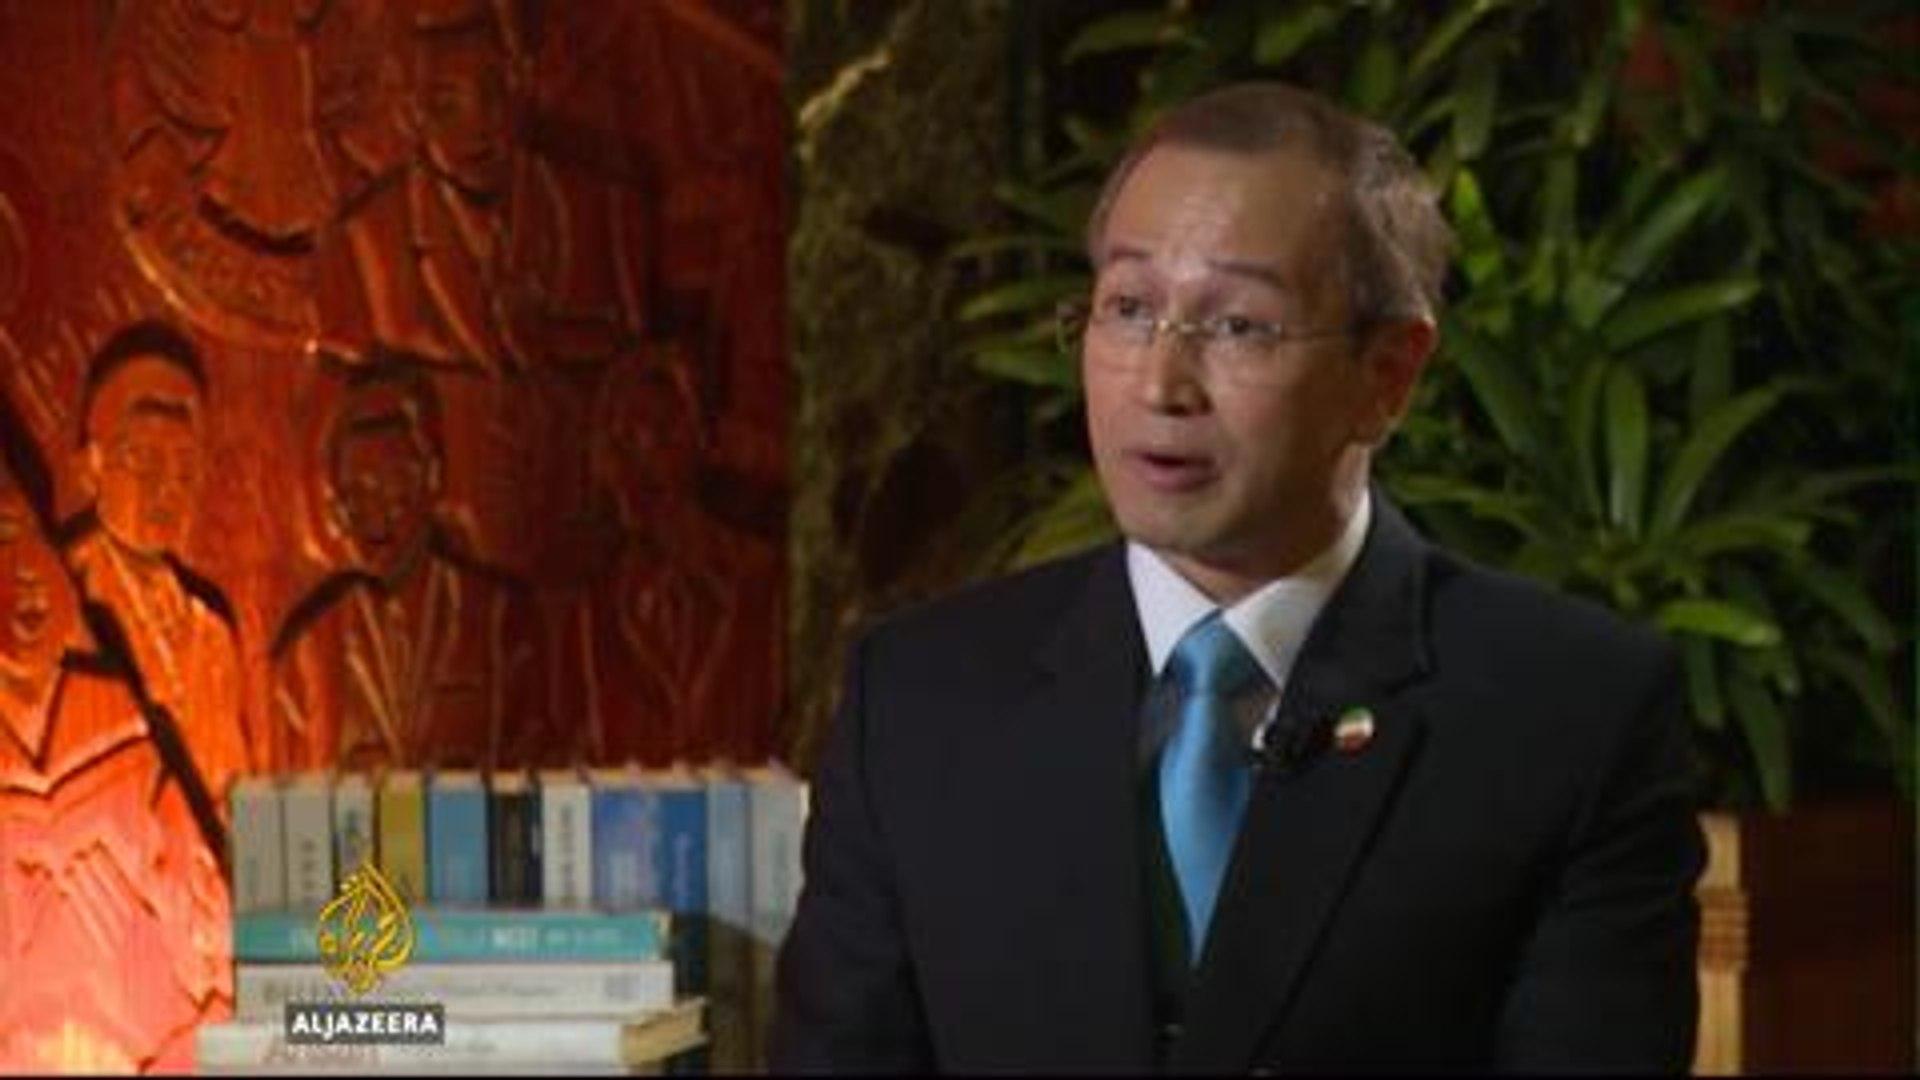 Philippine religious cult faces public crisis